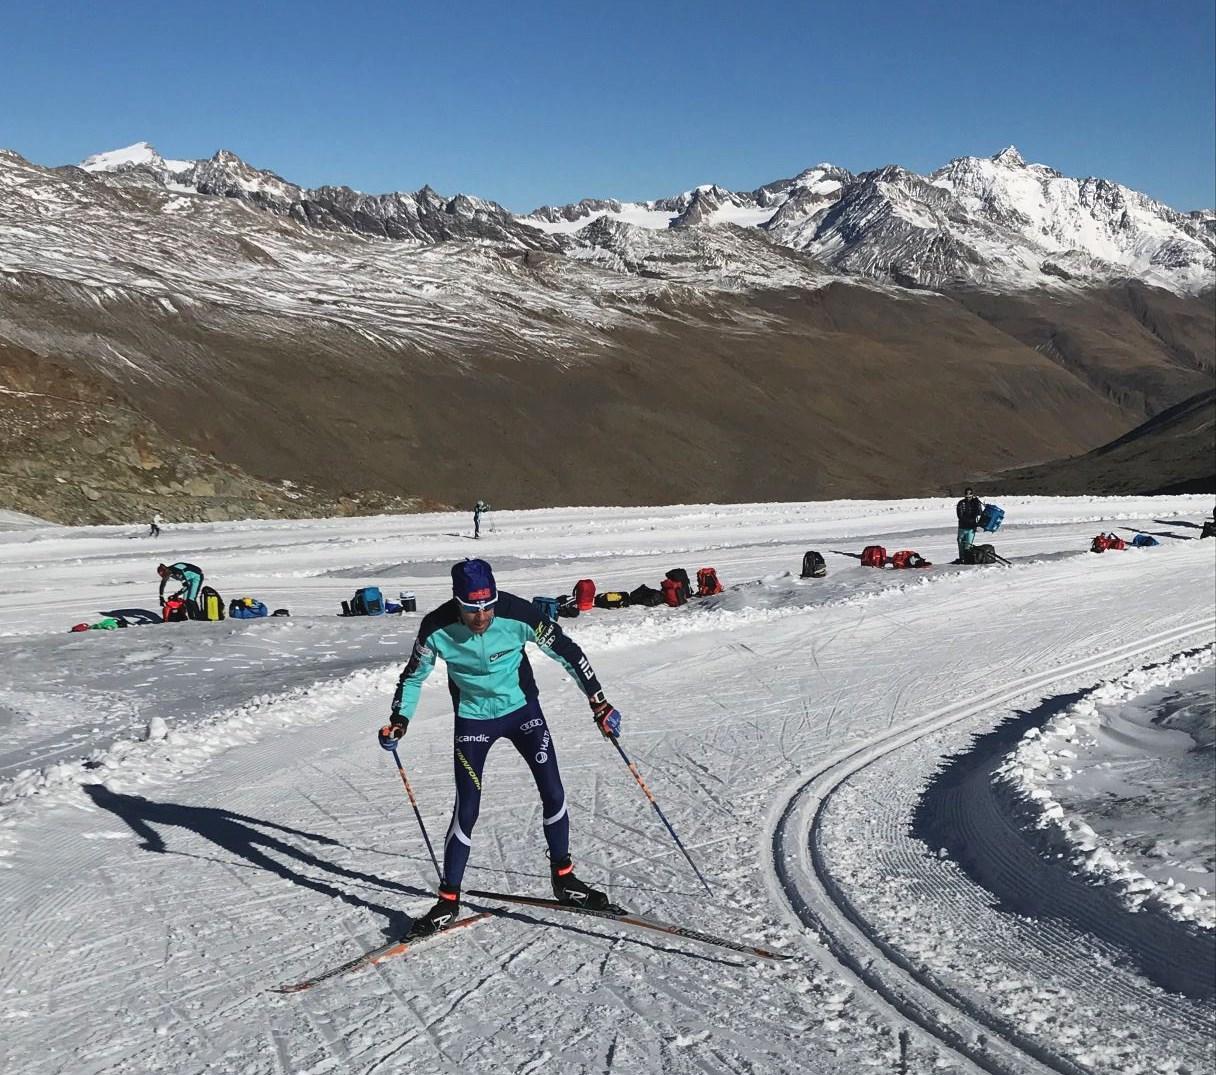 Valmentaja hiihtolenkillä